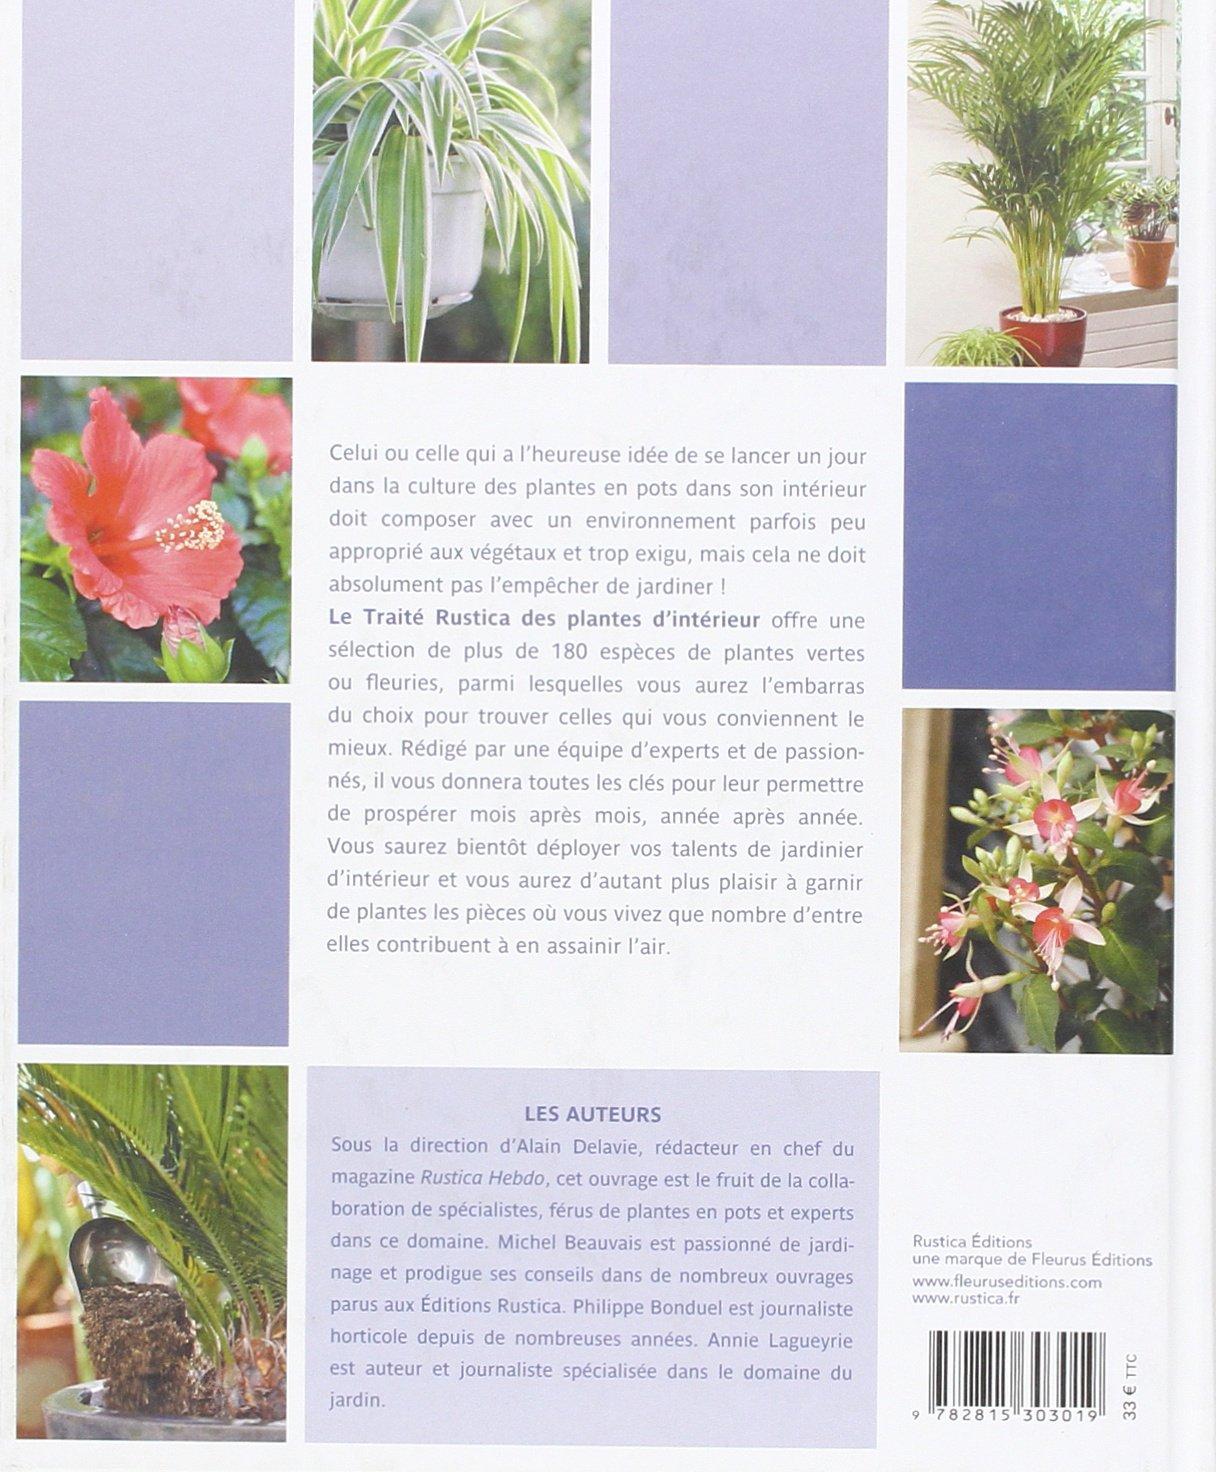 d1916f09f8bf Amazon.fr - Le traité Rustica des plantes d intérieur - Alain Delavie -  Livres